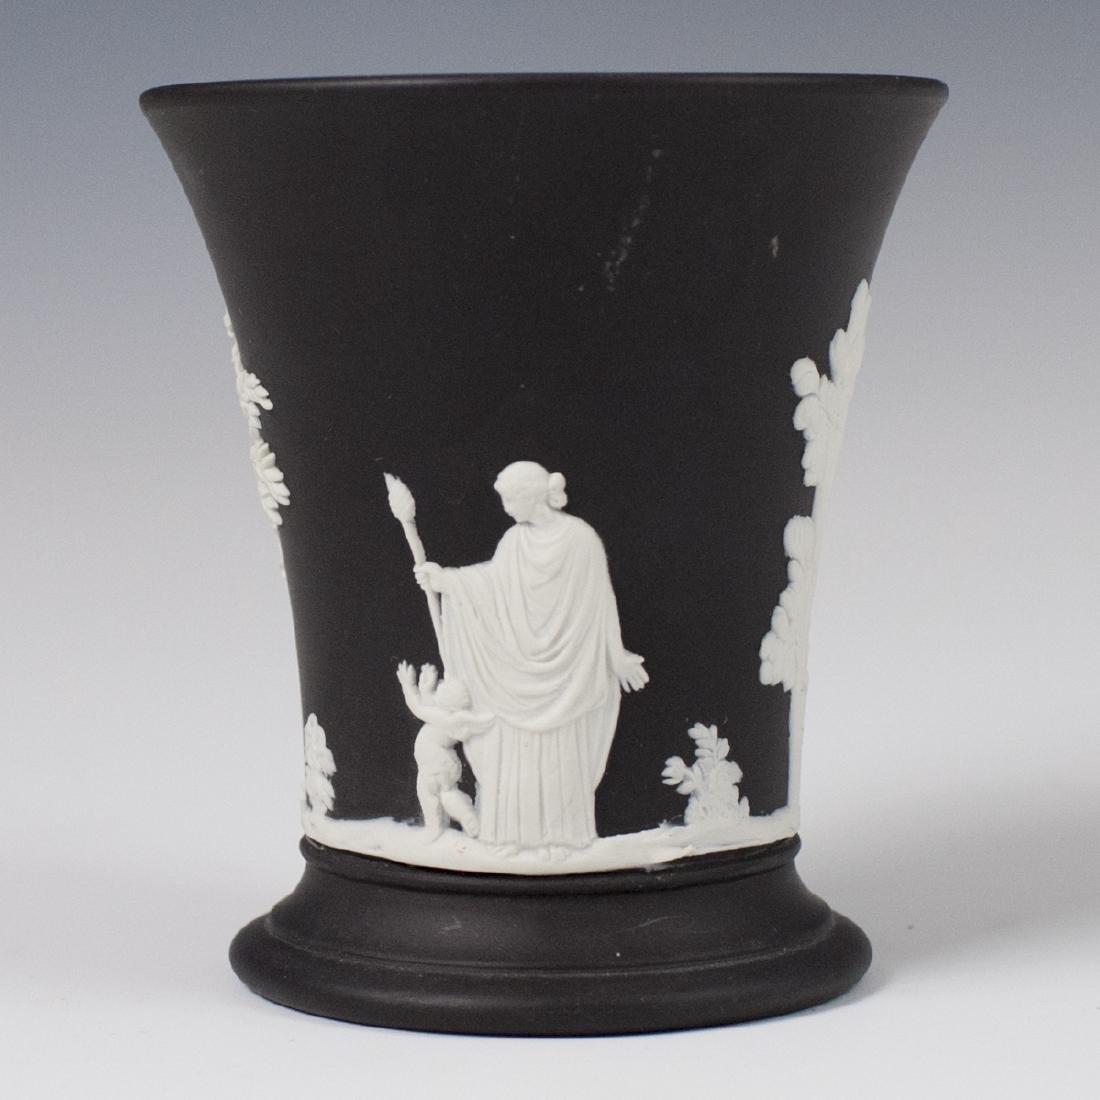 Wedgwood Black Jasperware Pencil Cup - 2